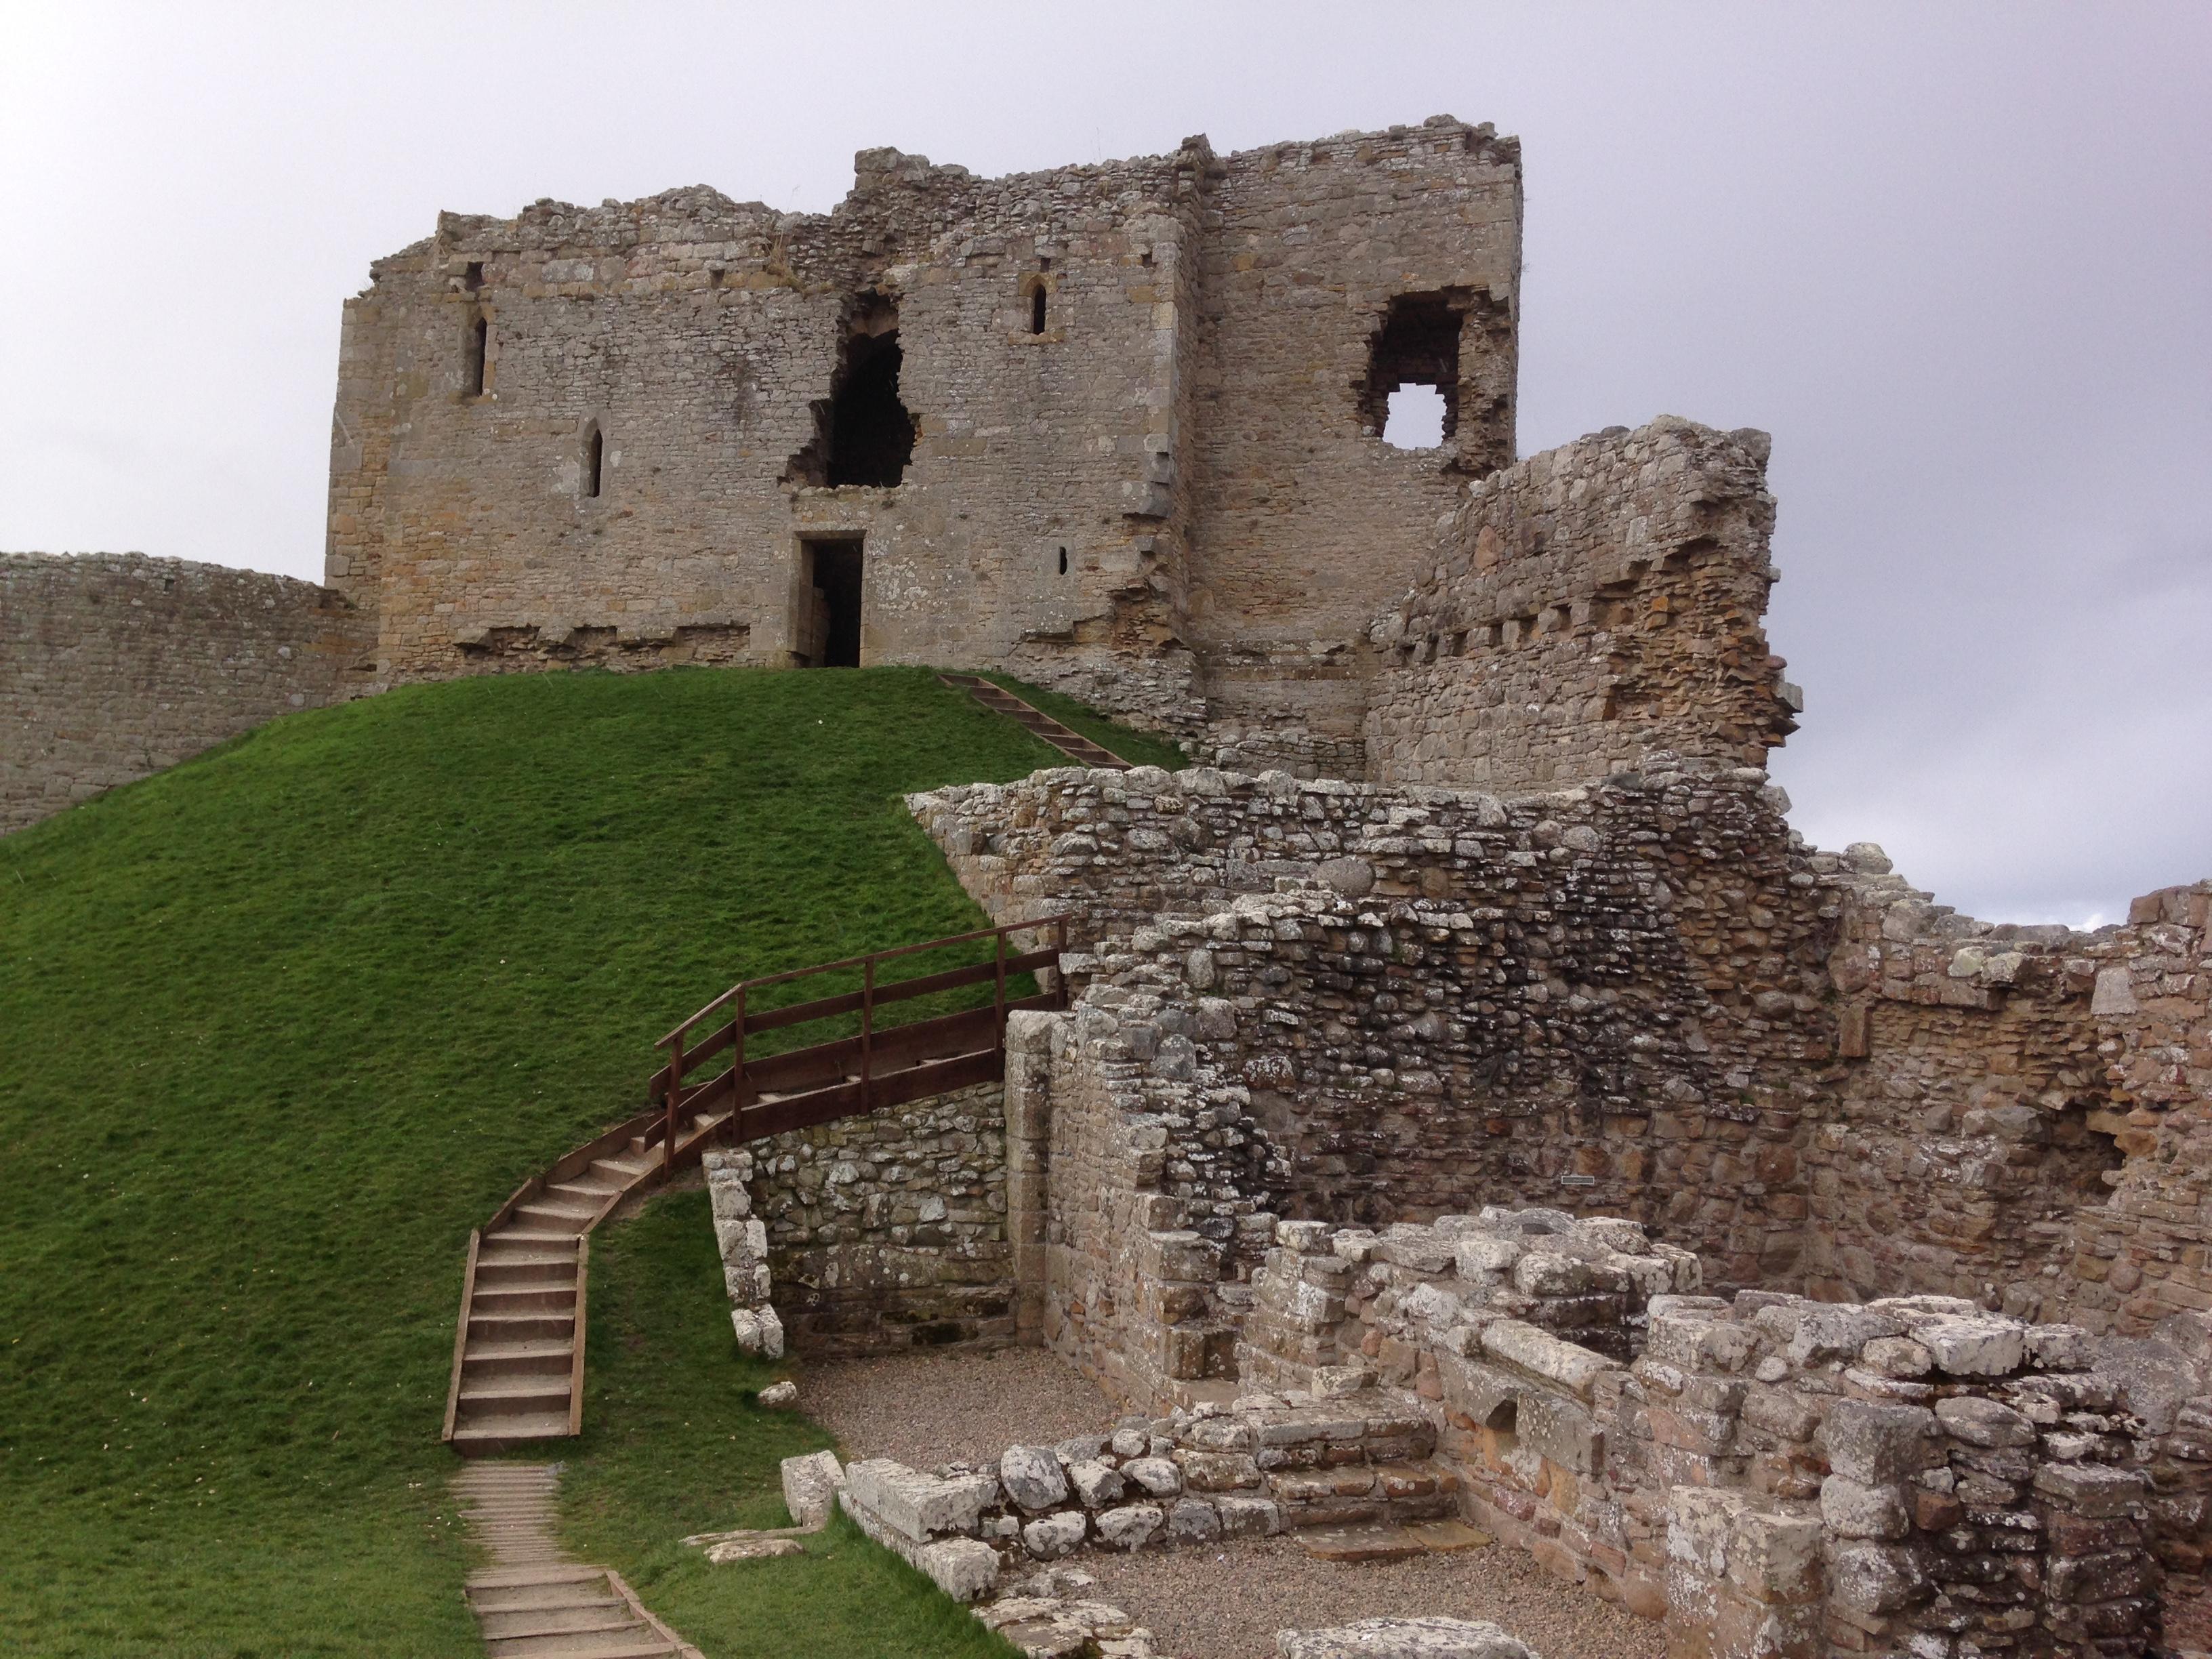 Duffus Castle - my own photo